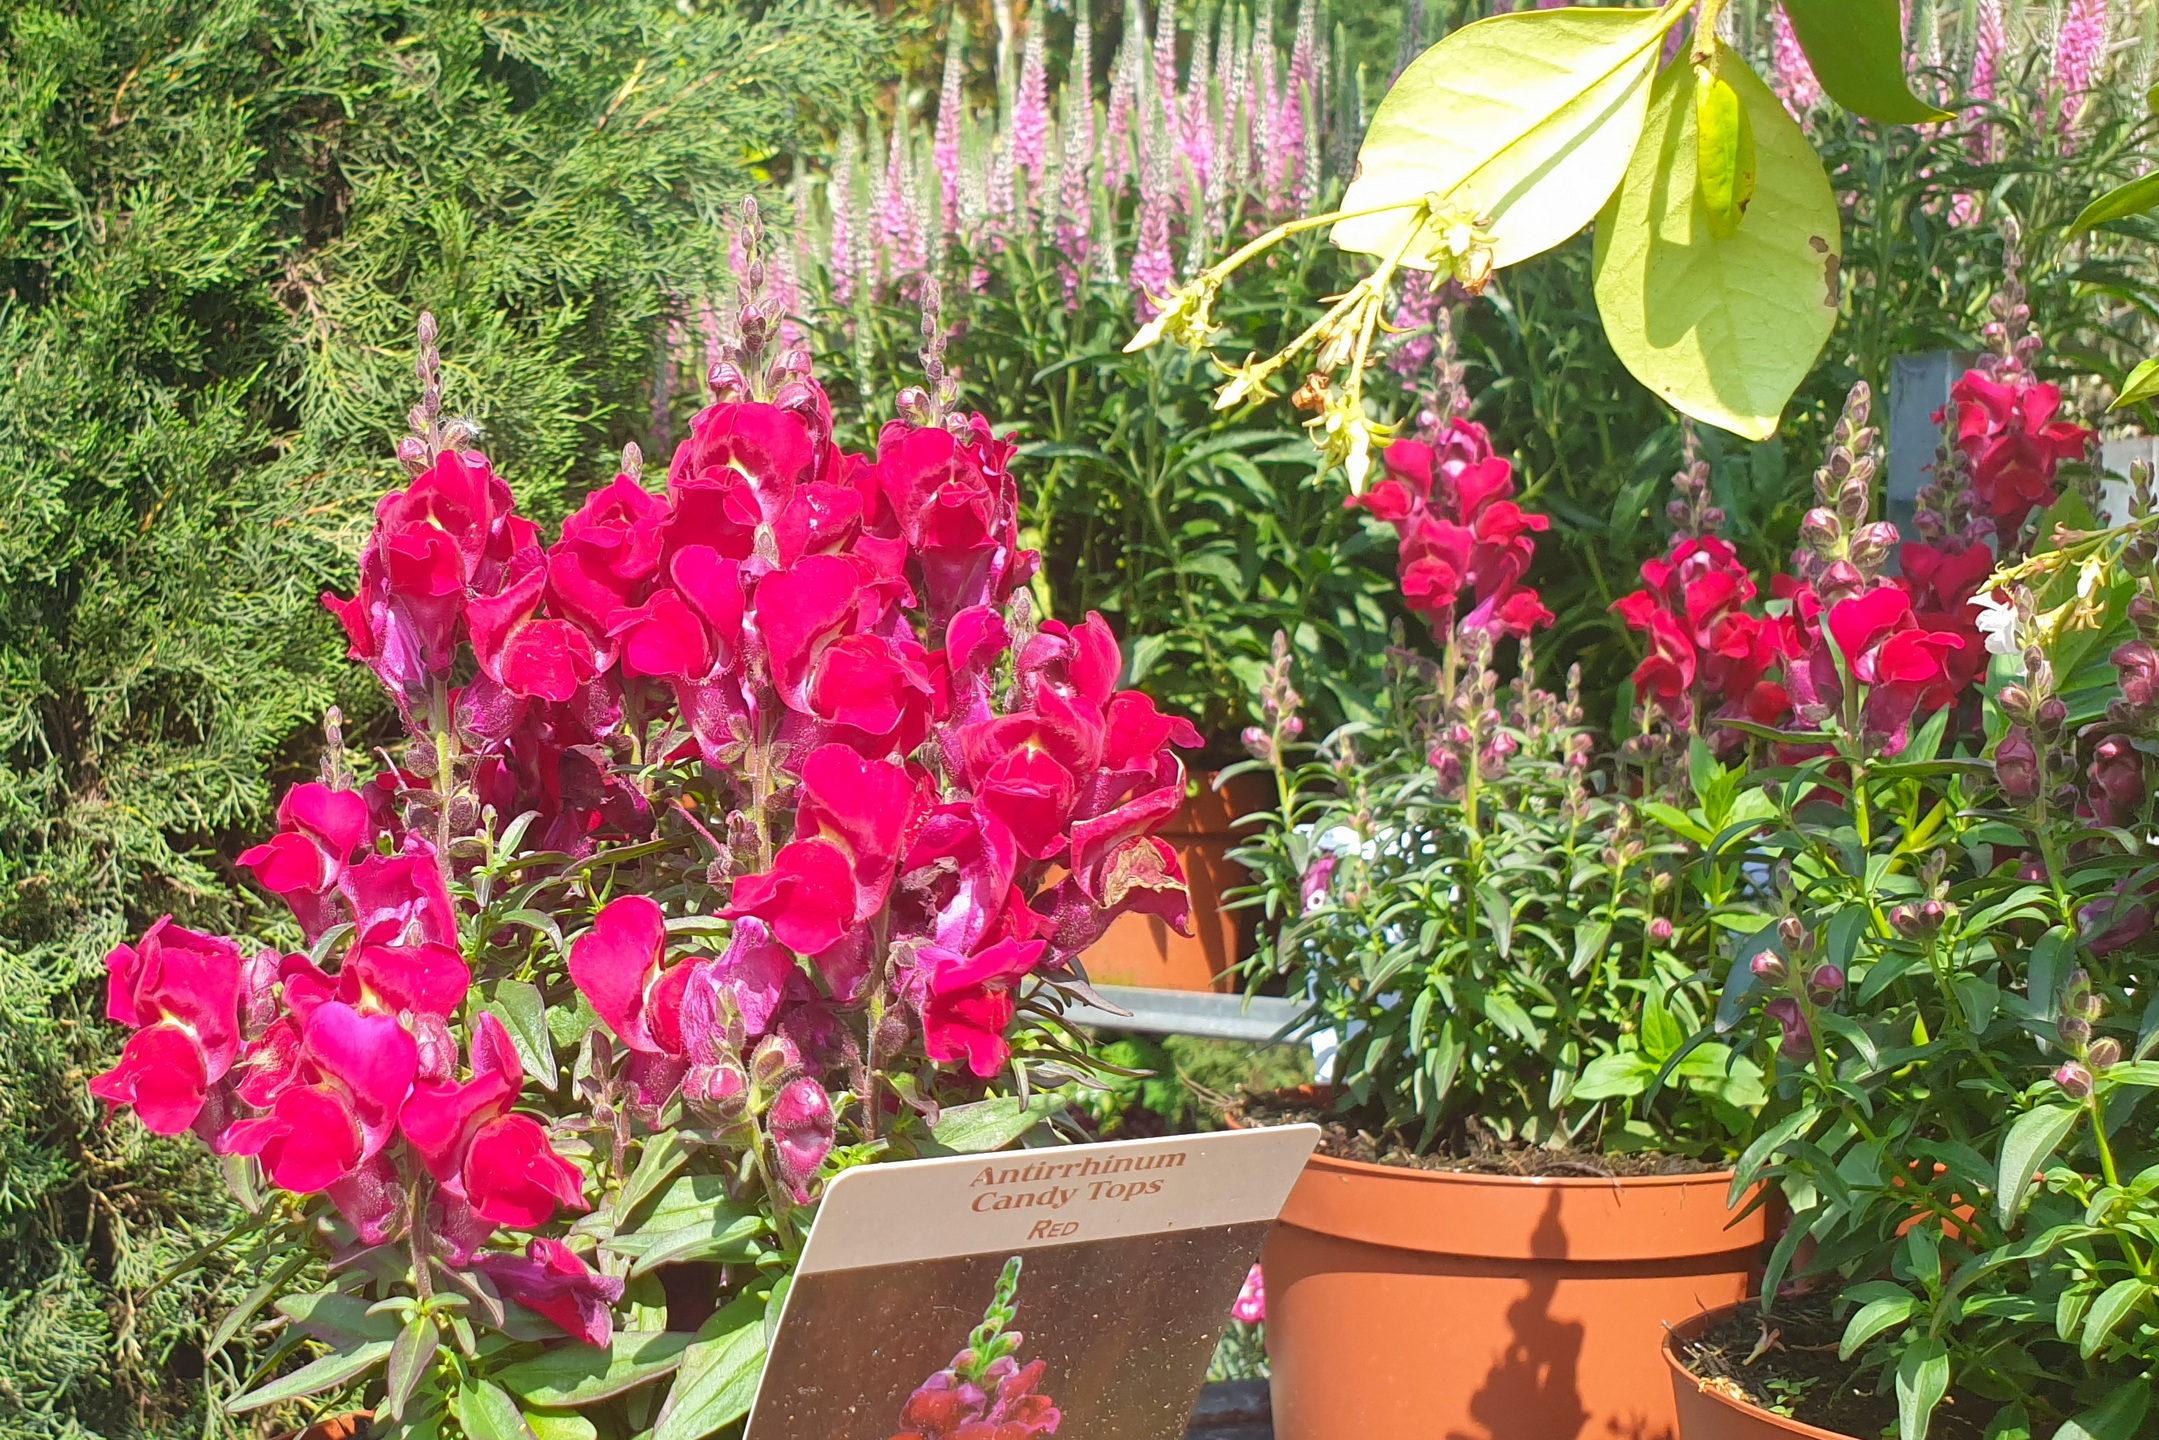 Le-jardin-des-oliviers-21-06-12-10.jpg